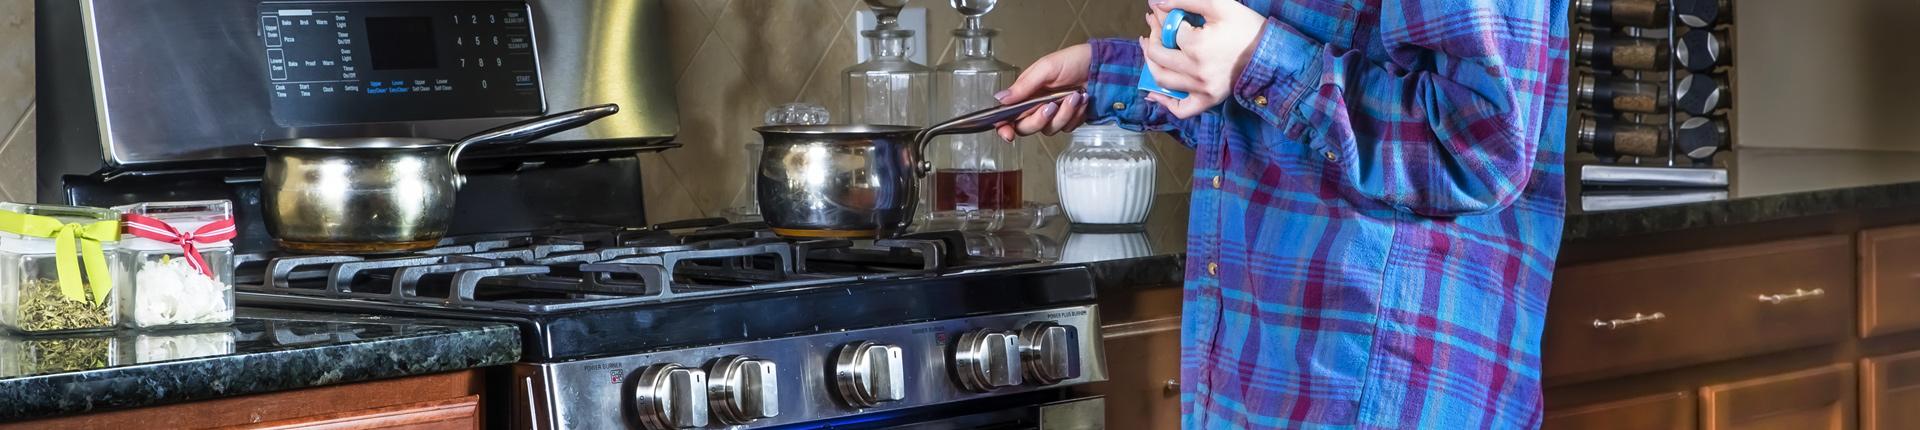 Gotowanie jako jedyna słuszna metoda obróbki